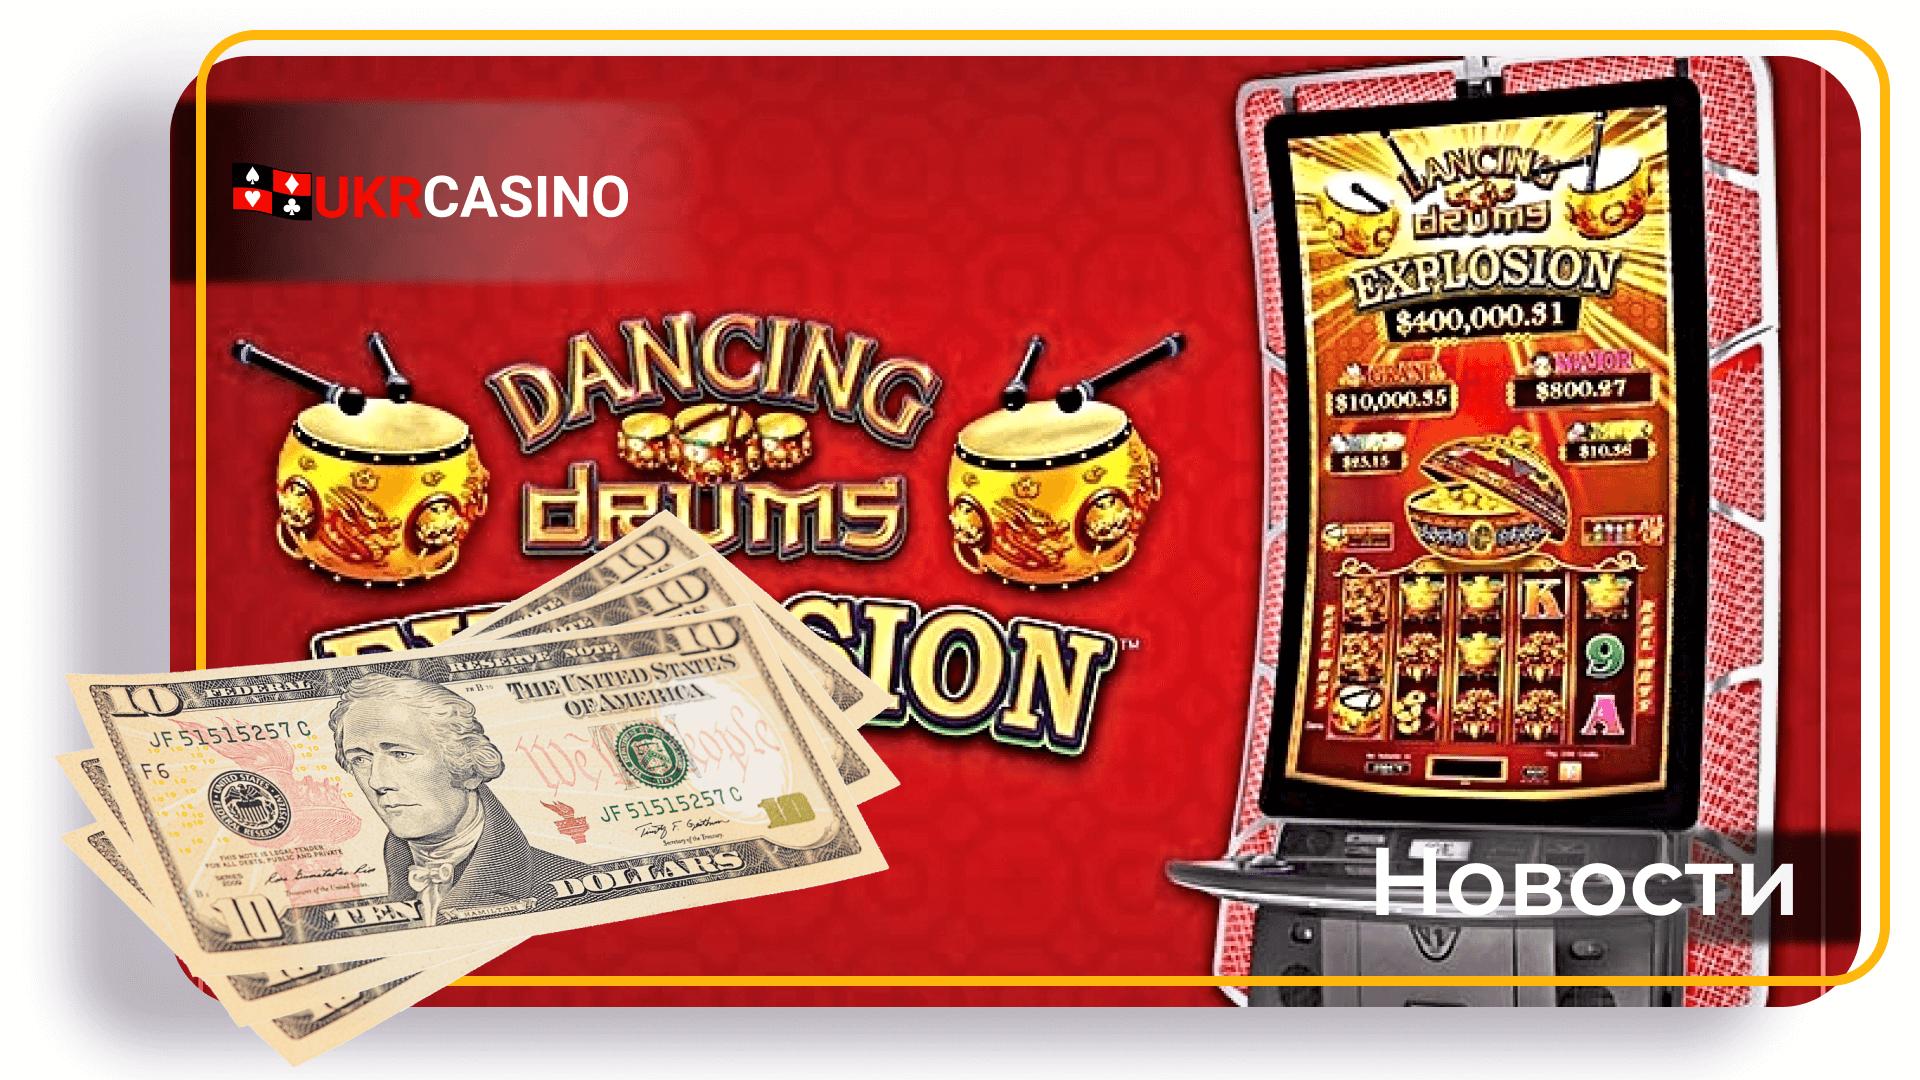 Как выиграть в игровом автомате деньги игровые автоматы фортуна отзывы